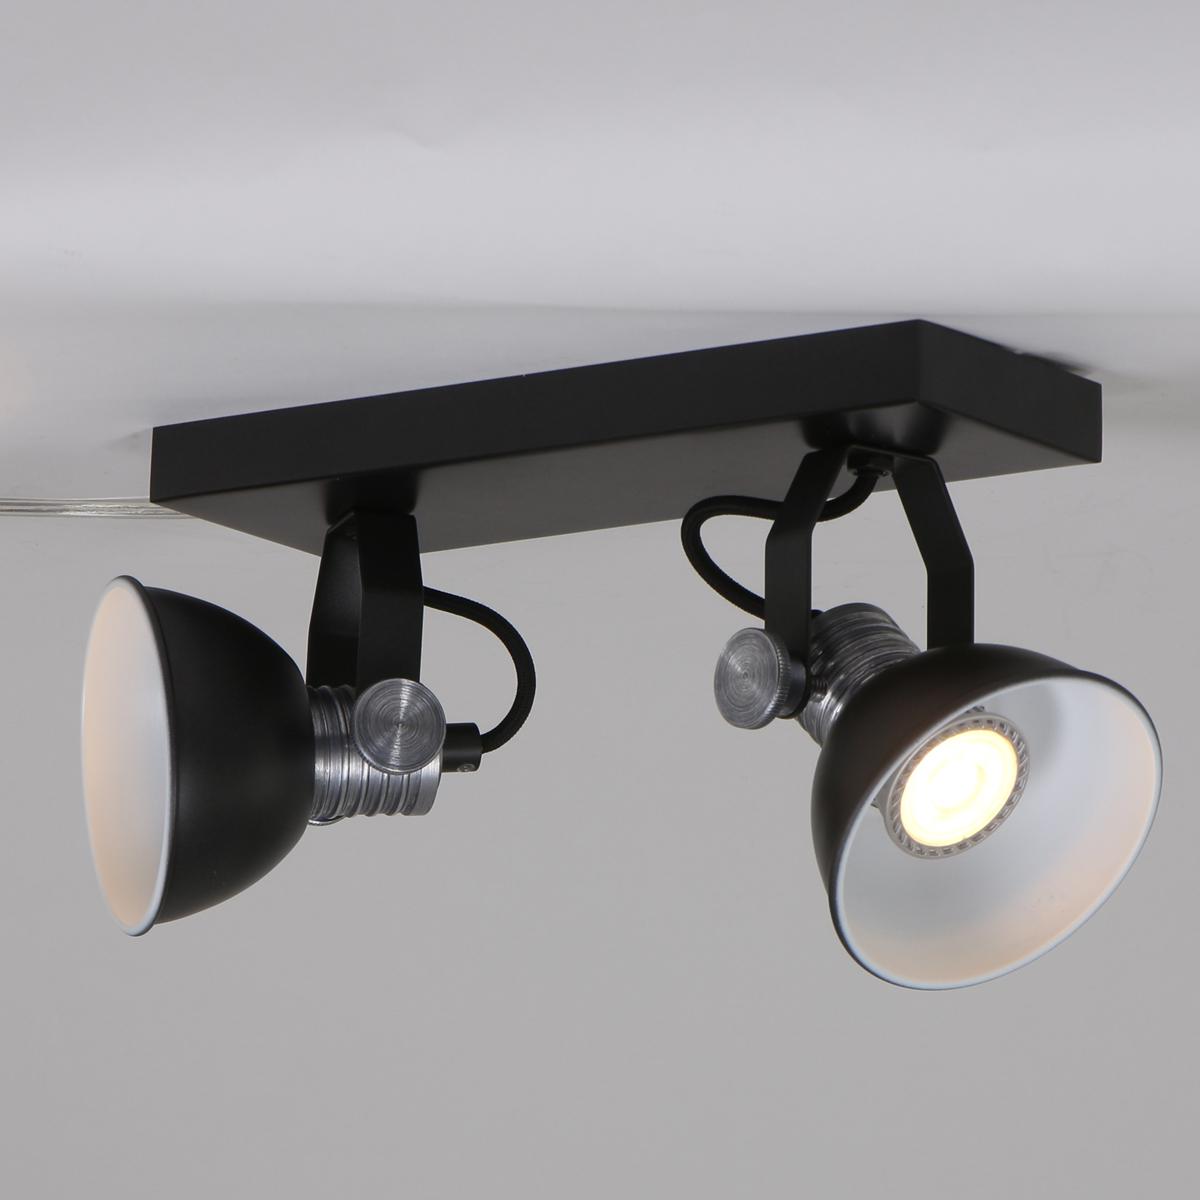 applique murale noir tokio ø11 cm - lampe industrielle